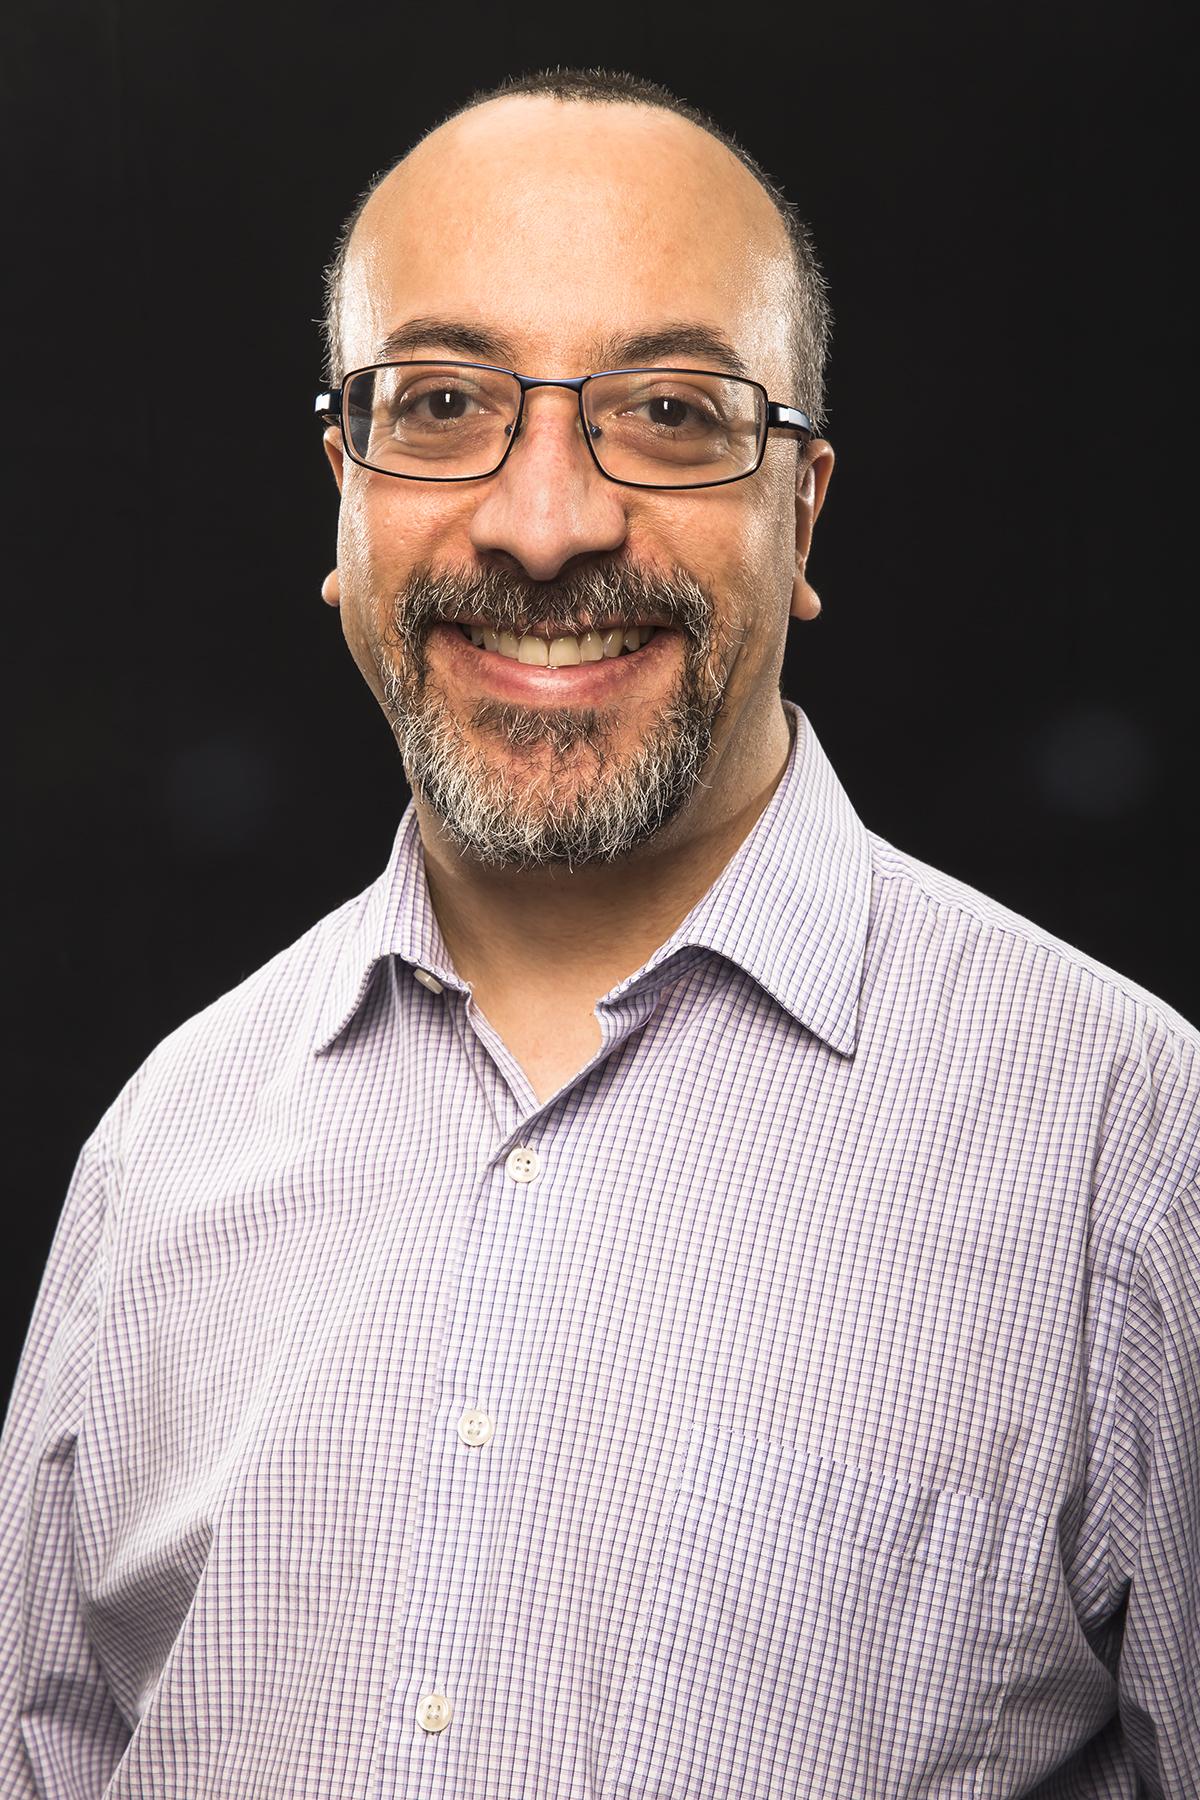 Dr. Lequerica